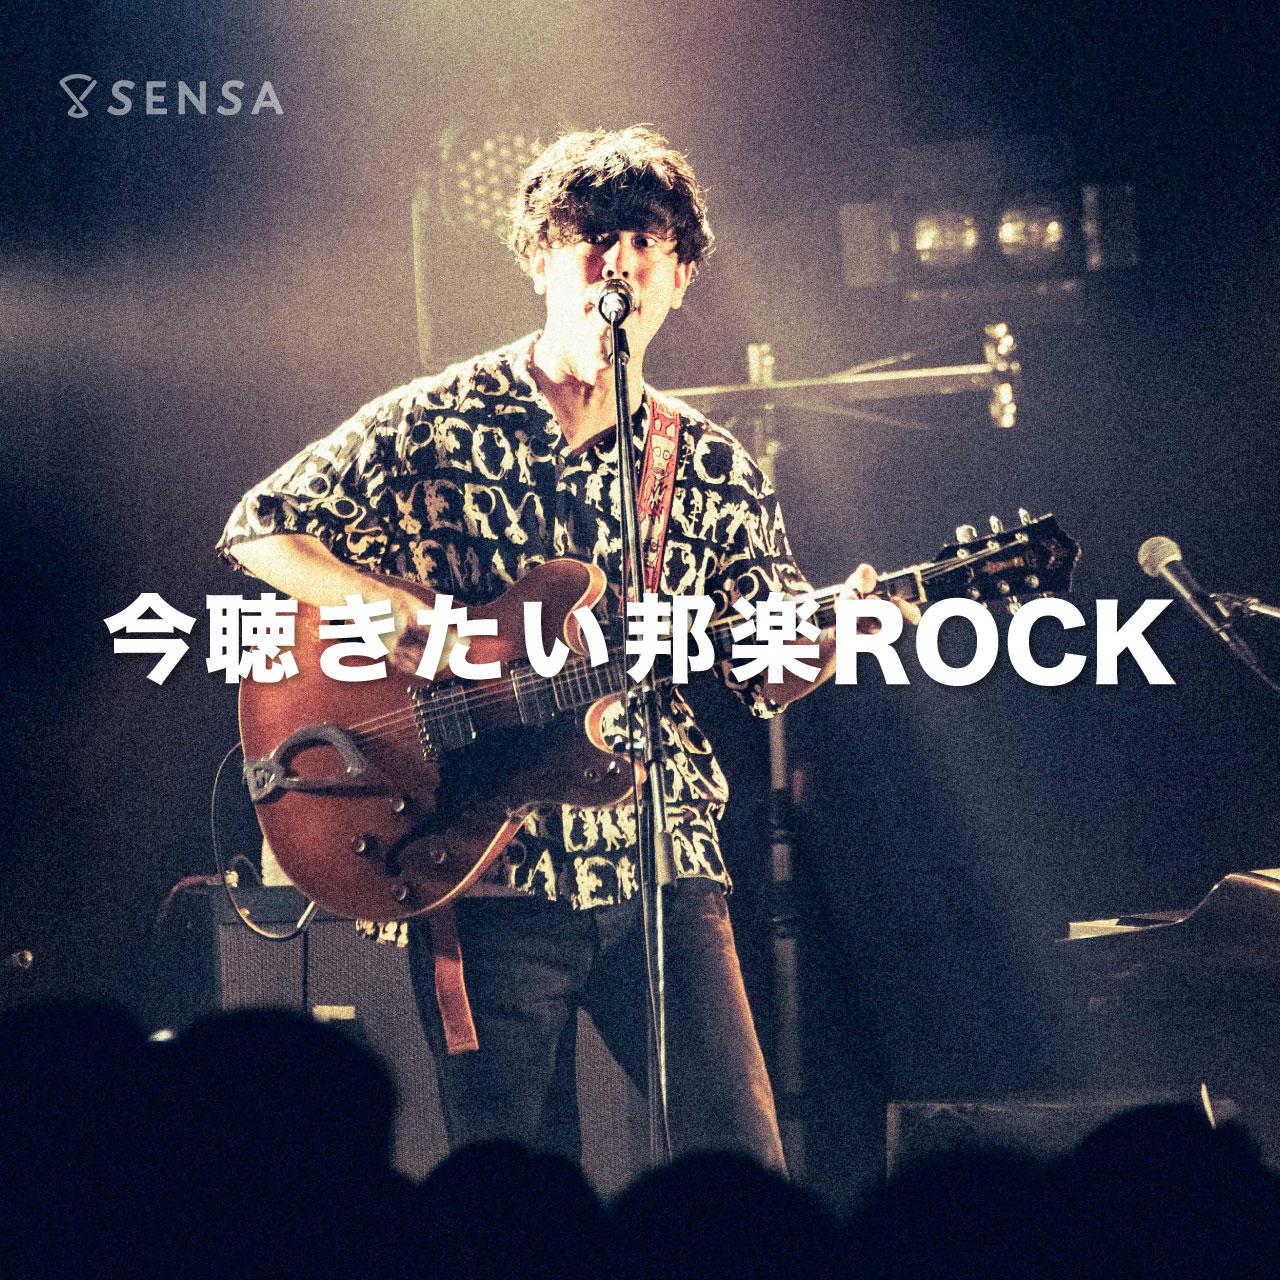 sensa_web_playlists_horock_202012.jpg